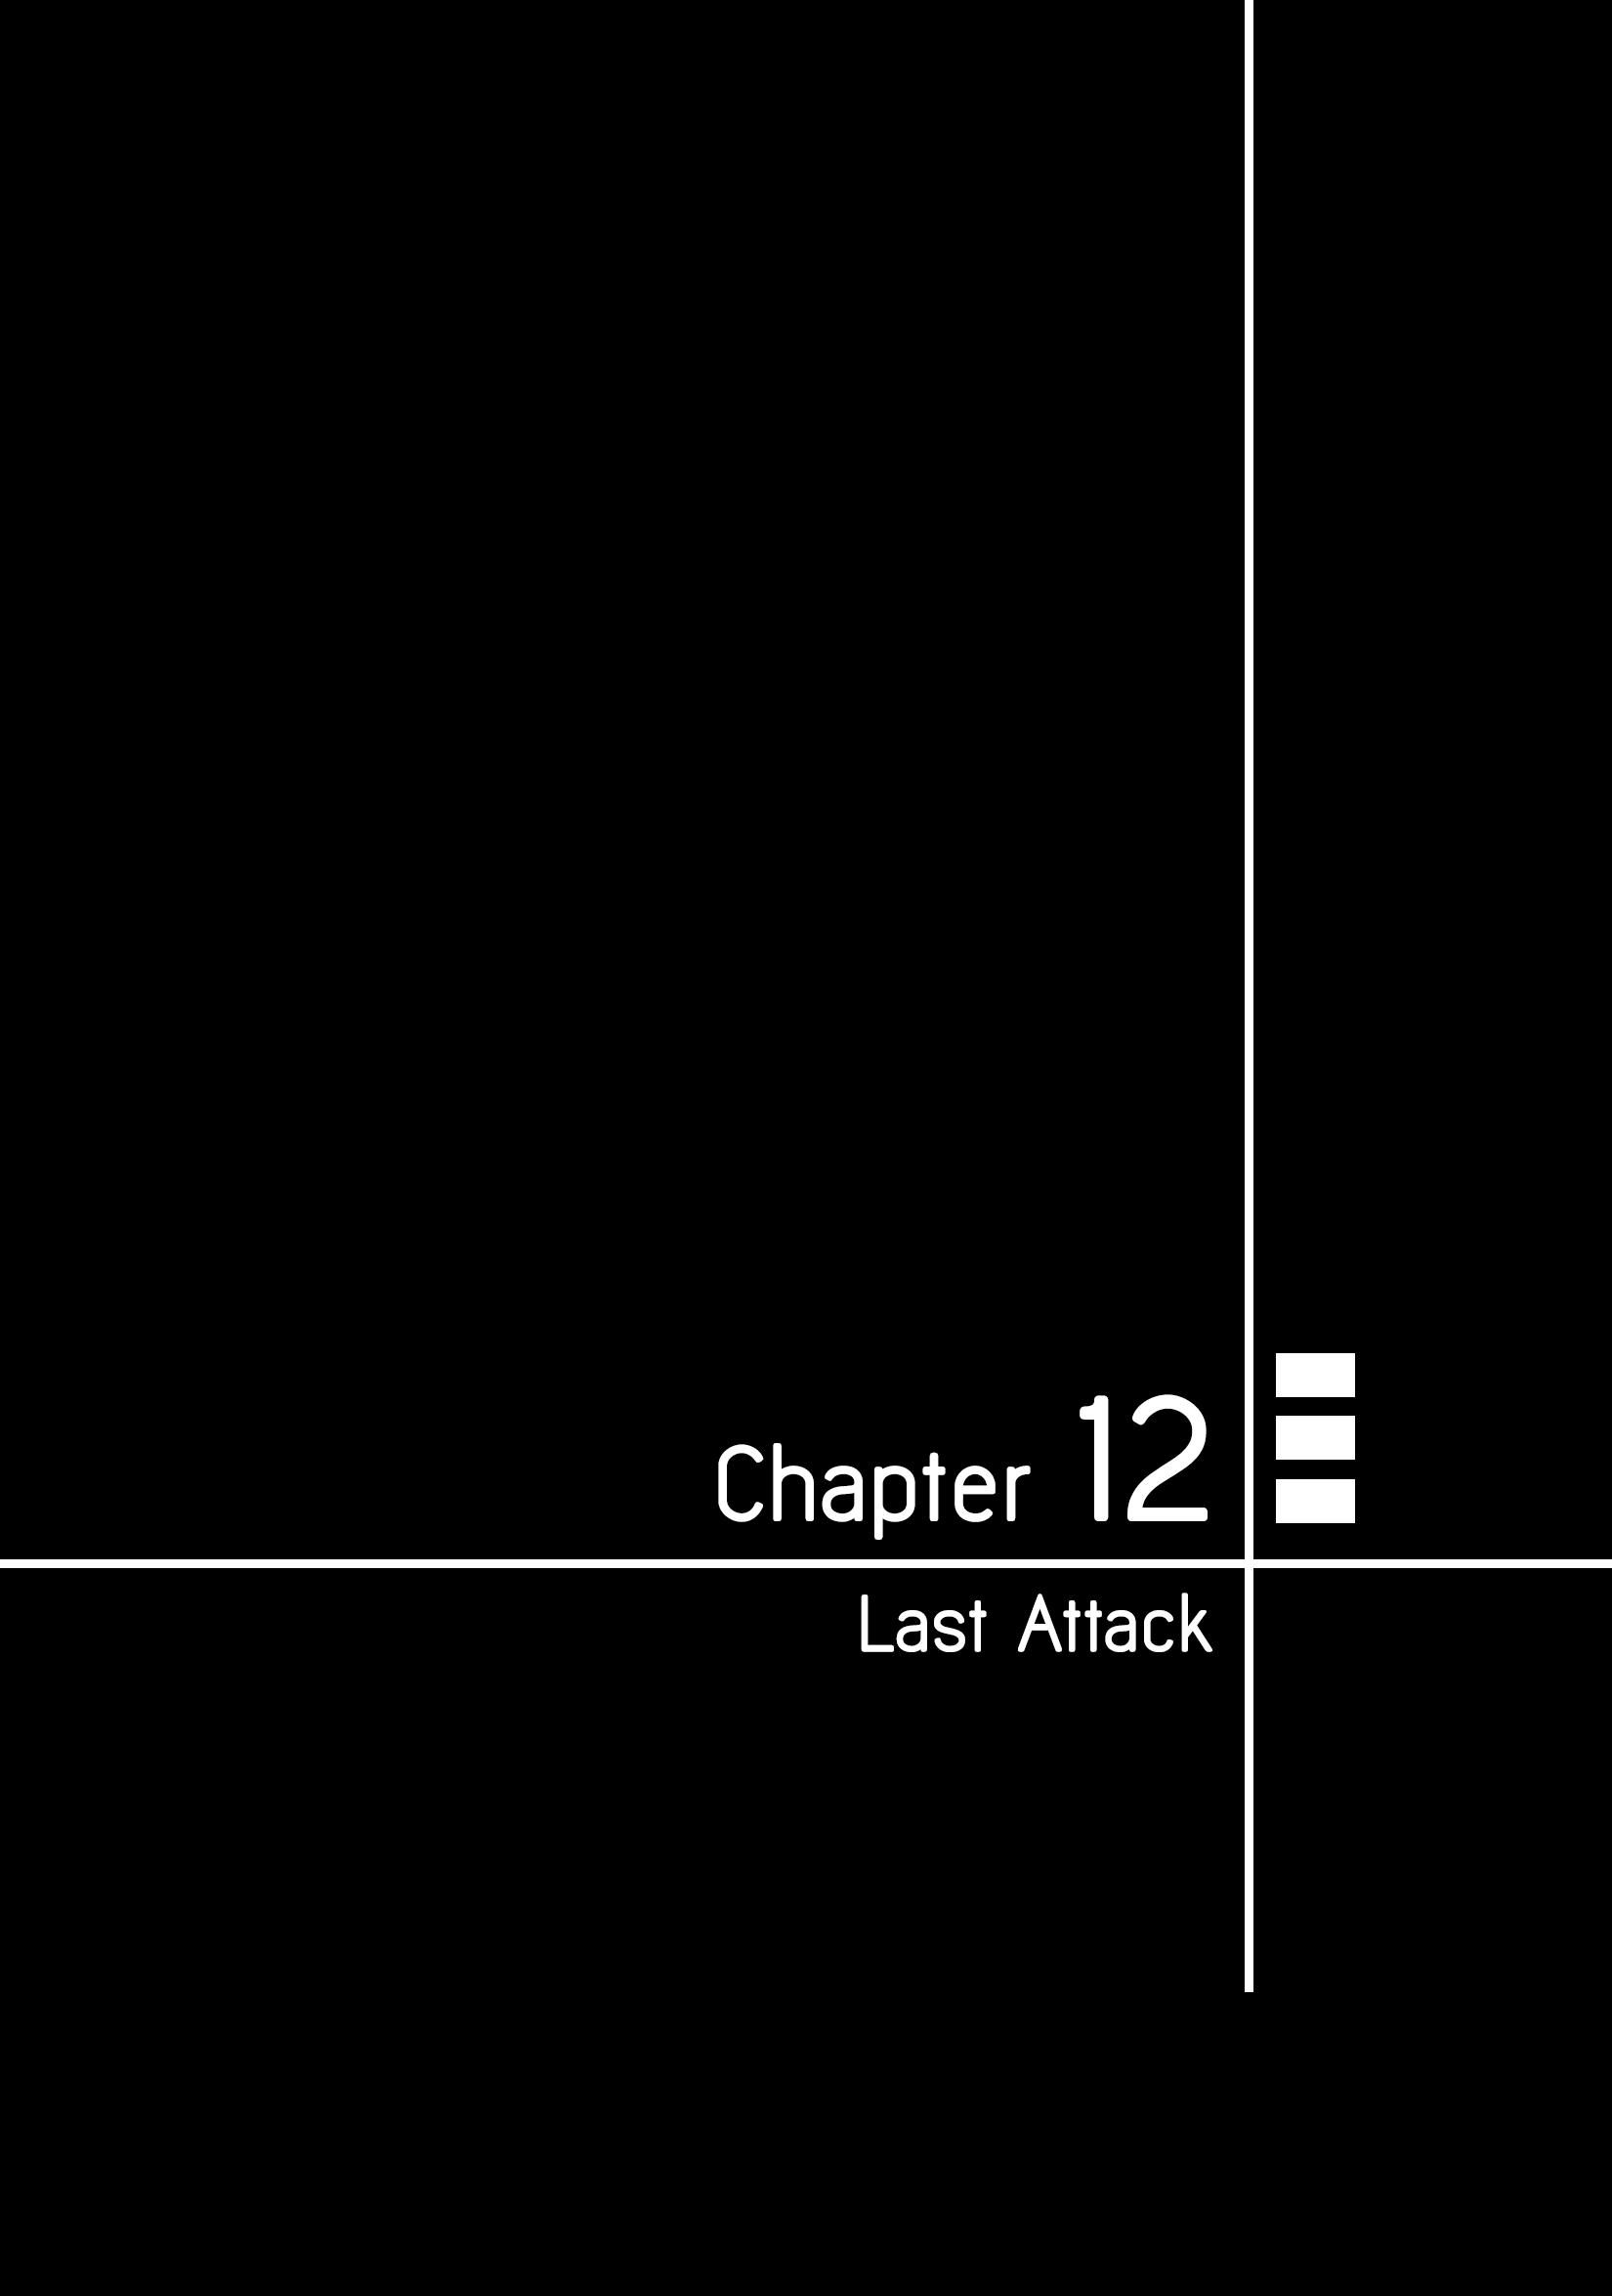 บทที่  12 - Last Attack